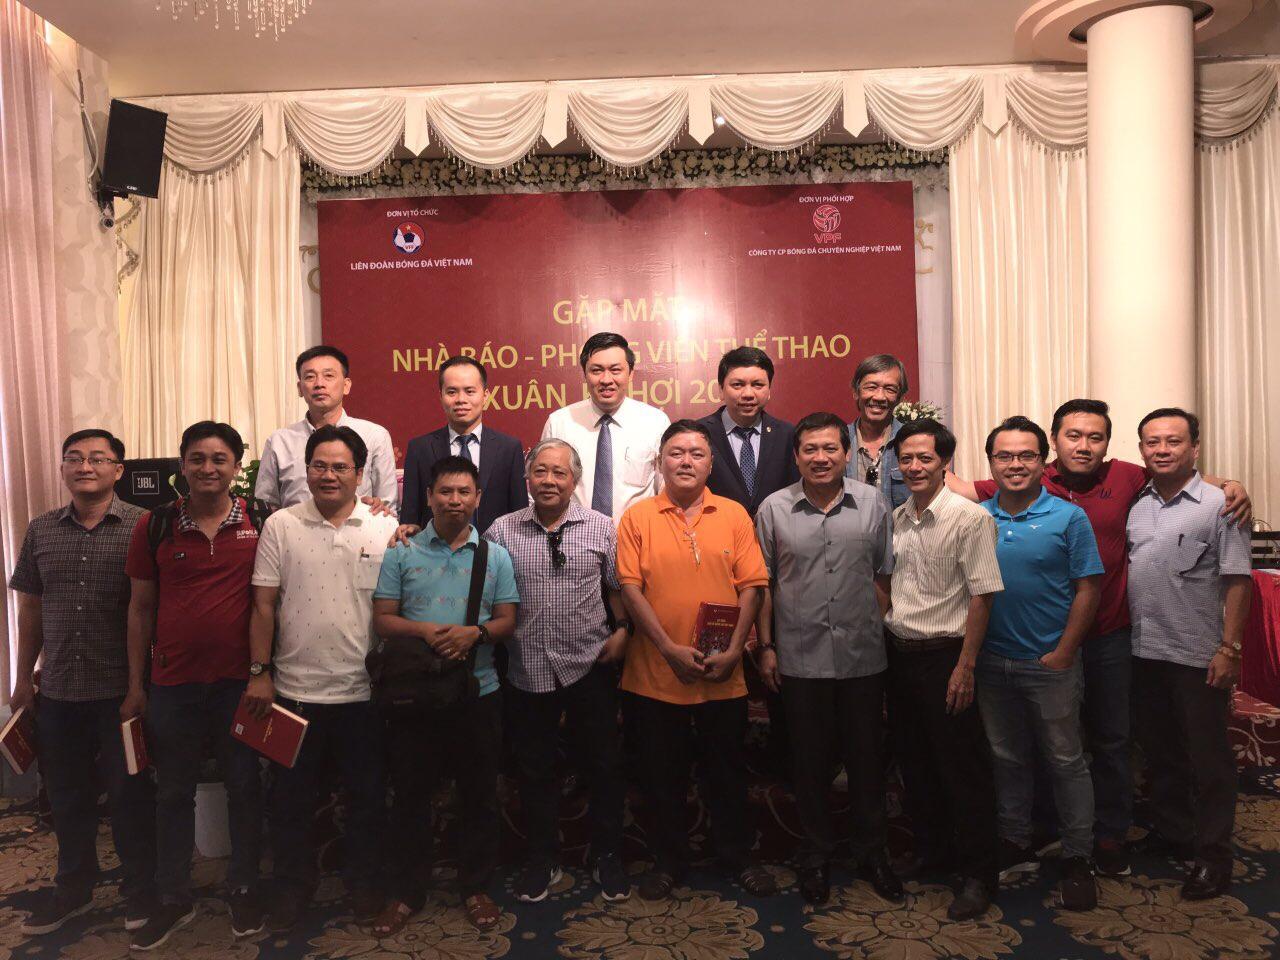 LĐBĐVN gặp mặt nhà báo thể thao khu vực phía Nam đầu xuân Kỷ Hợi 2019